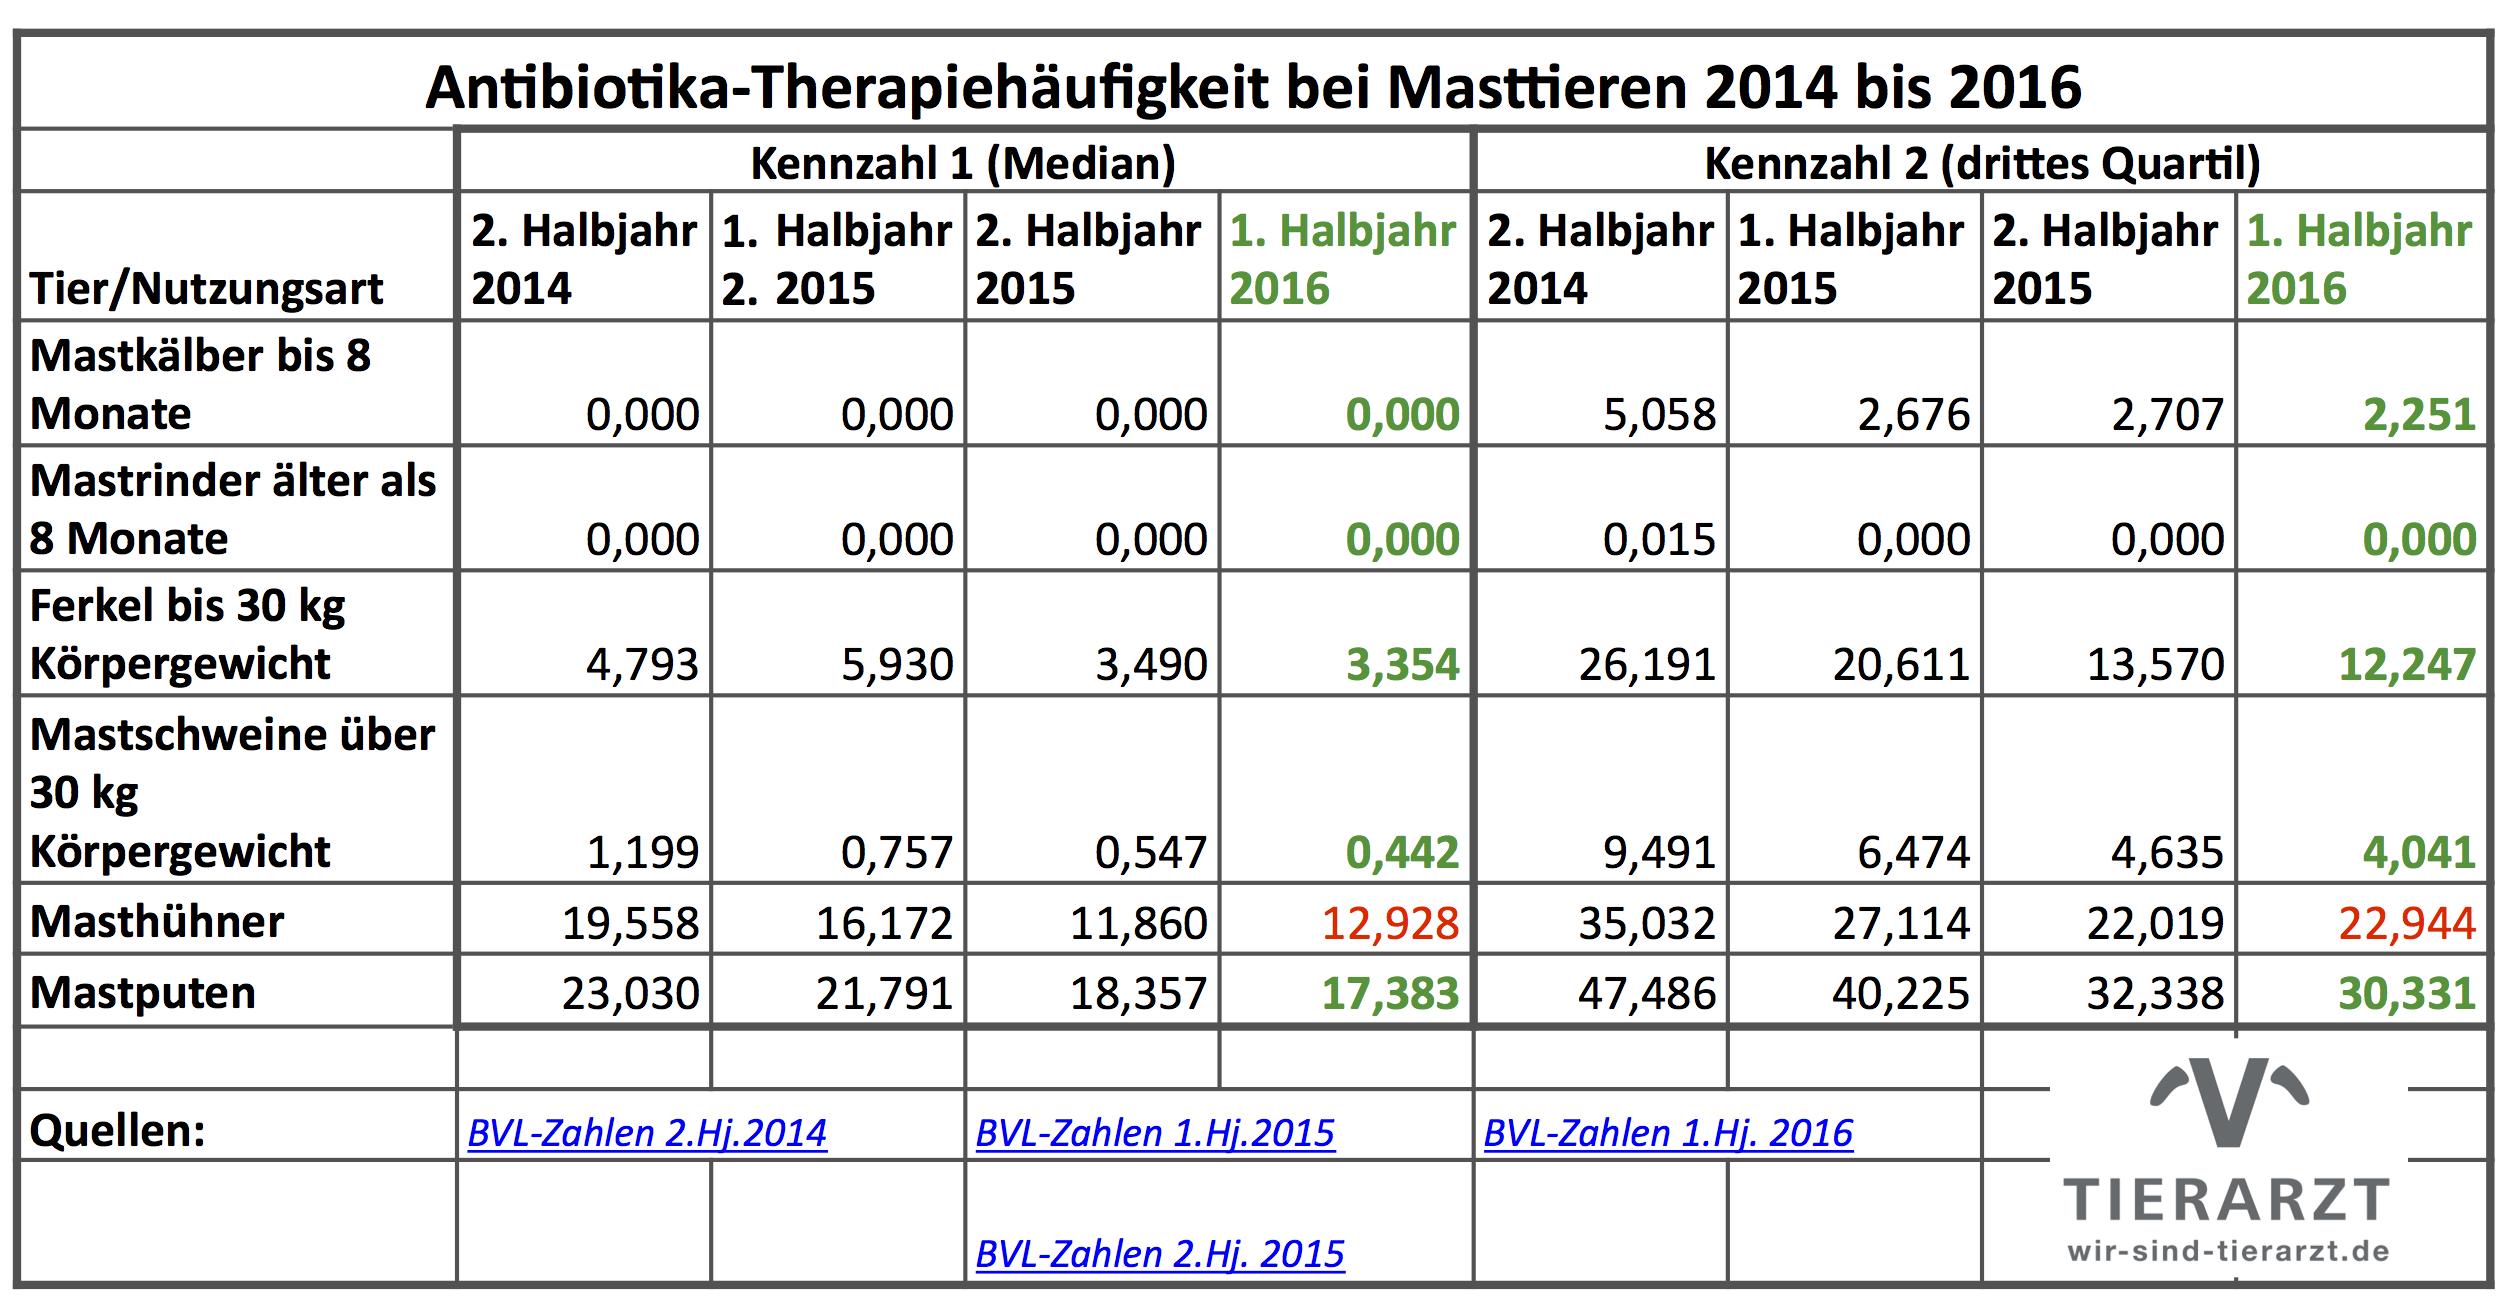 Bodenbildung erreicht? Die Therapiehäufigkeiten aus dem 1. Halbjahr 2016 deuten es an. (Tablelle: WiSiTiA/jh / Daten: © BVL)